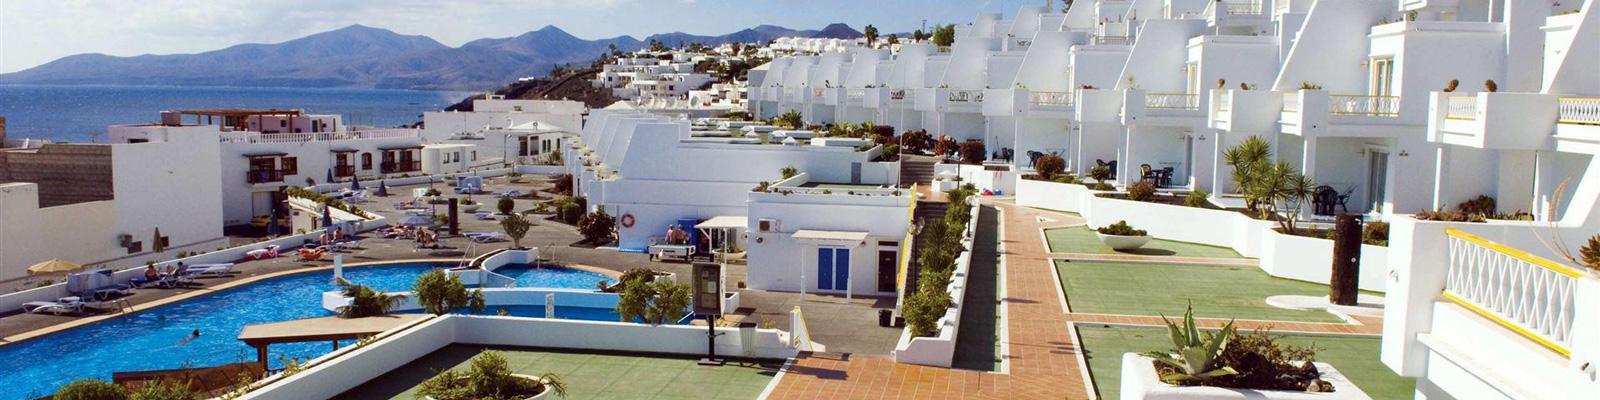 Cheap & cheerful Lanzarote Summer 2017 Deal